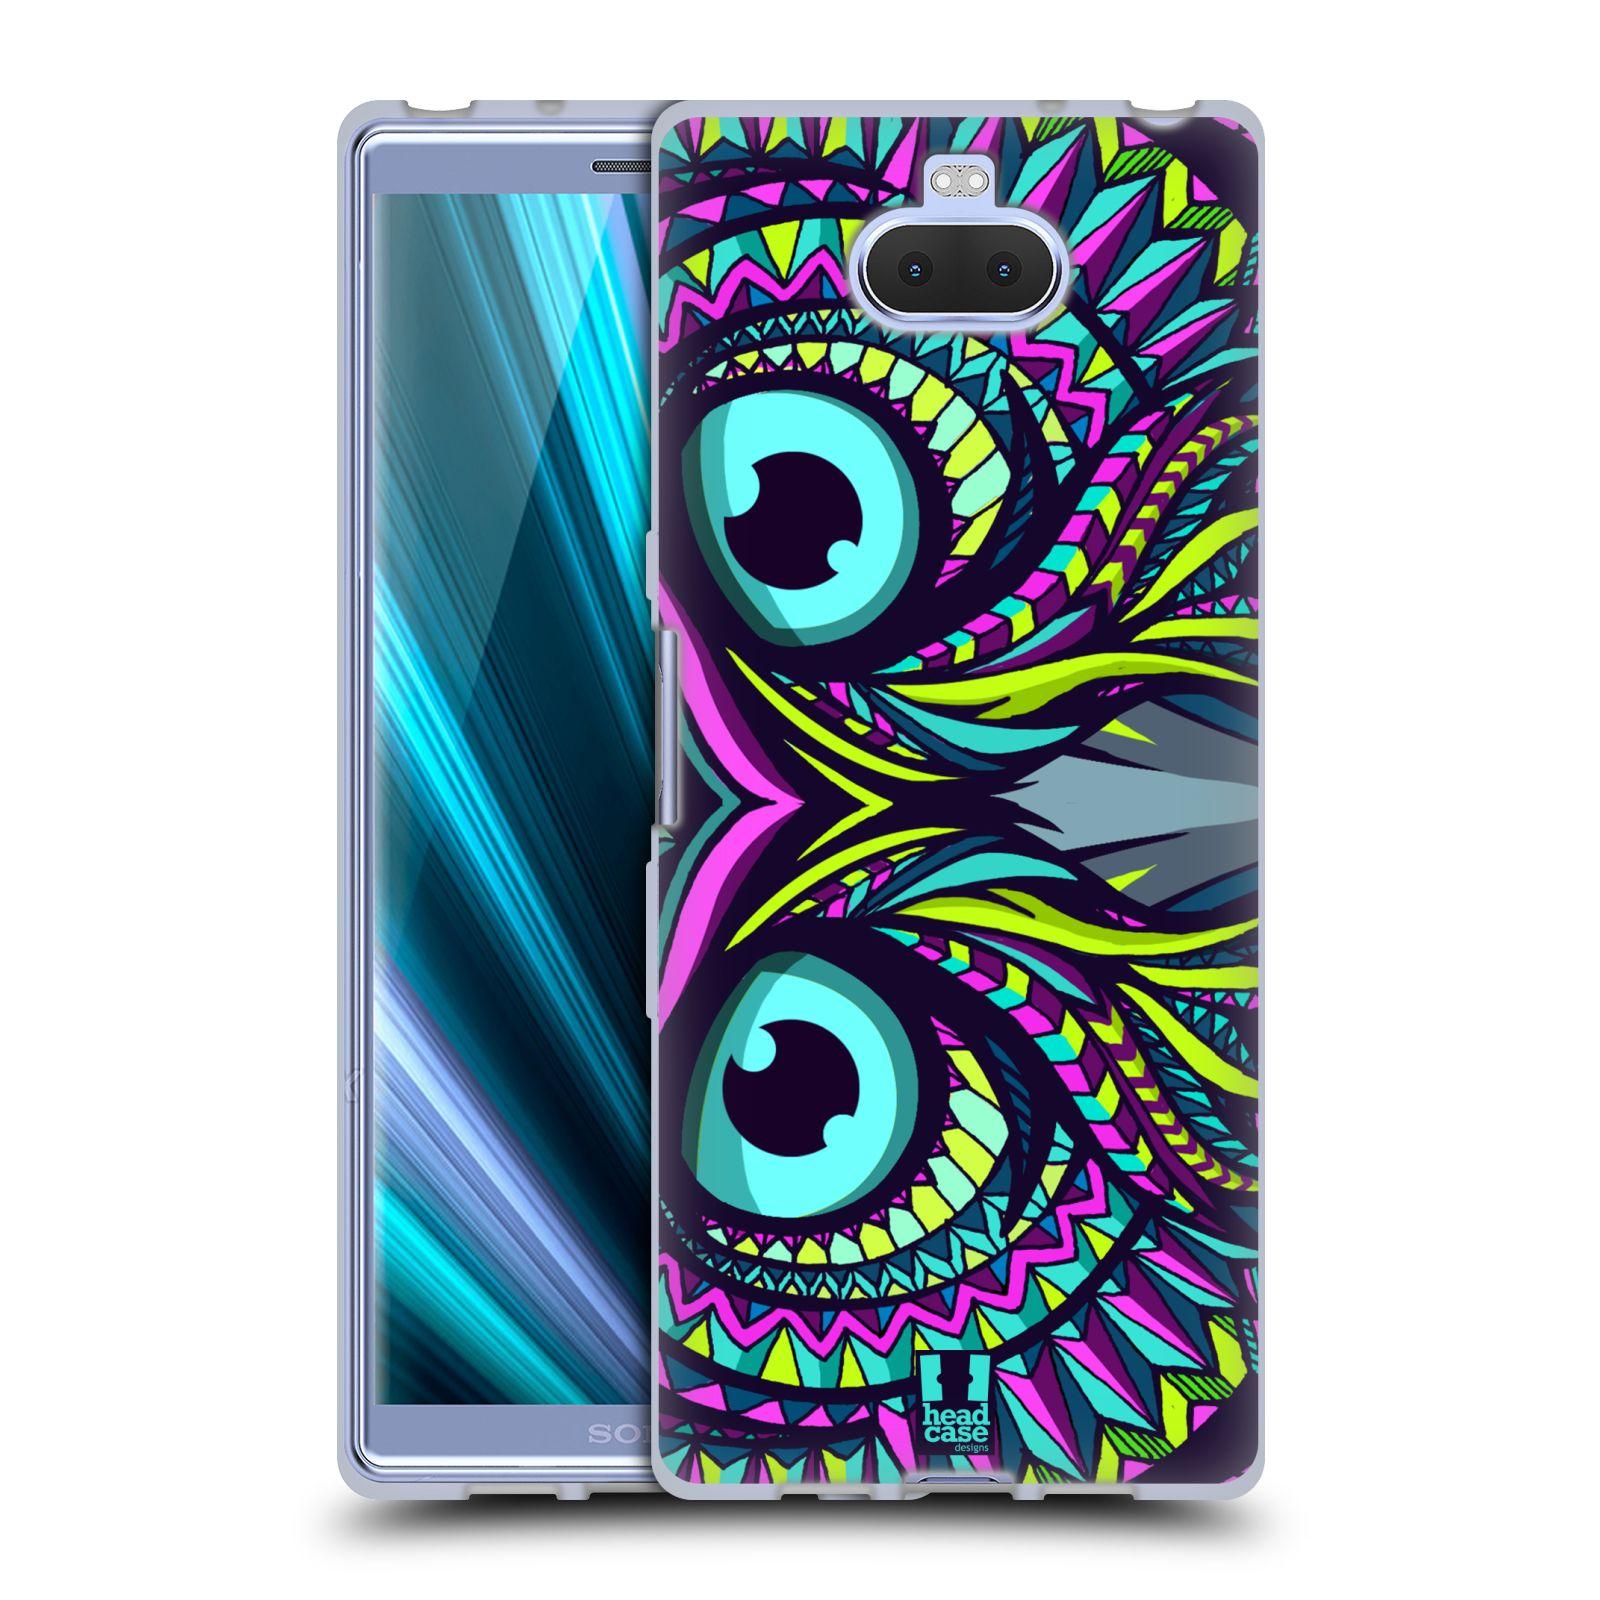 Silikonové pouzdro na mobil Sony Xperia 10 - Head Case - AZTEC SOVA